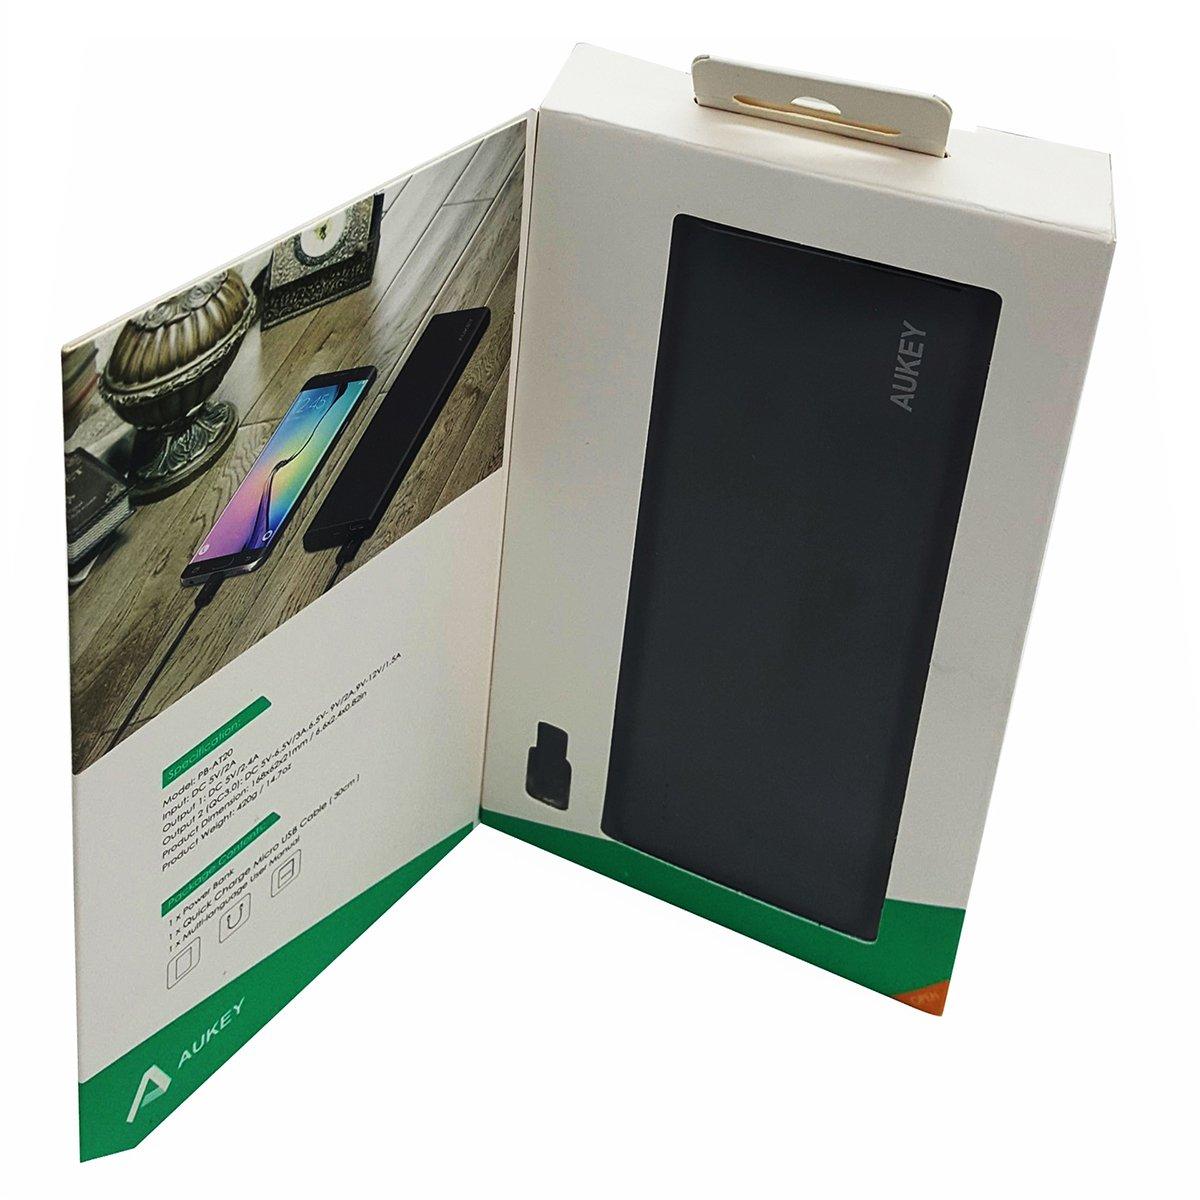 Pin sạc dự phòng Aukey PB-AT20, 20.100 mAh, công nghệ sạc nhanh Quick Charge 3.0